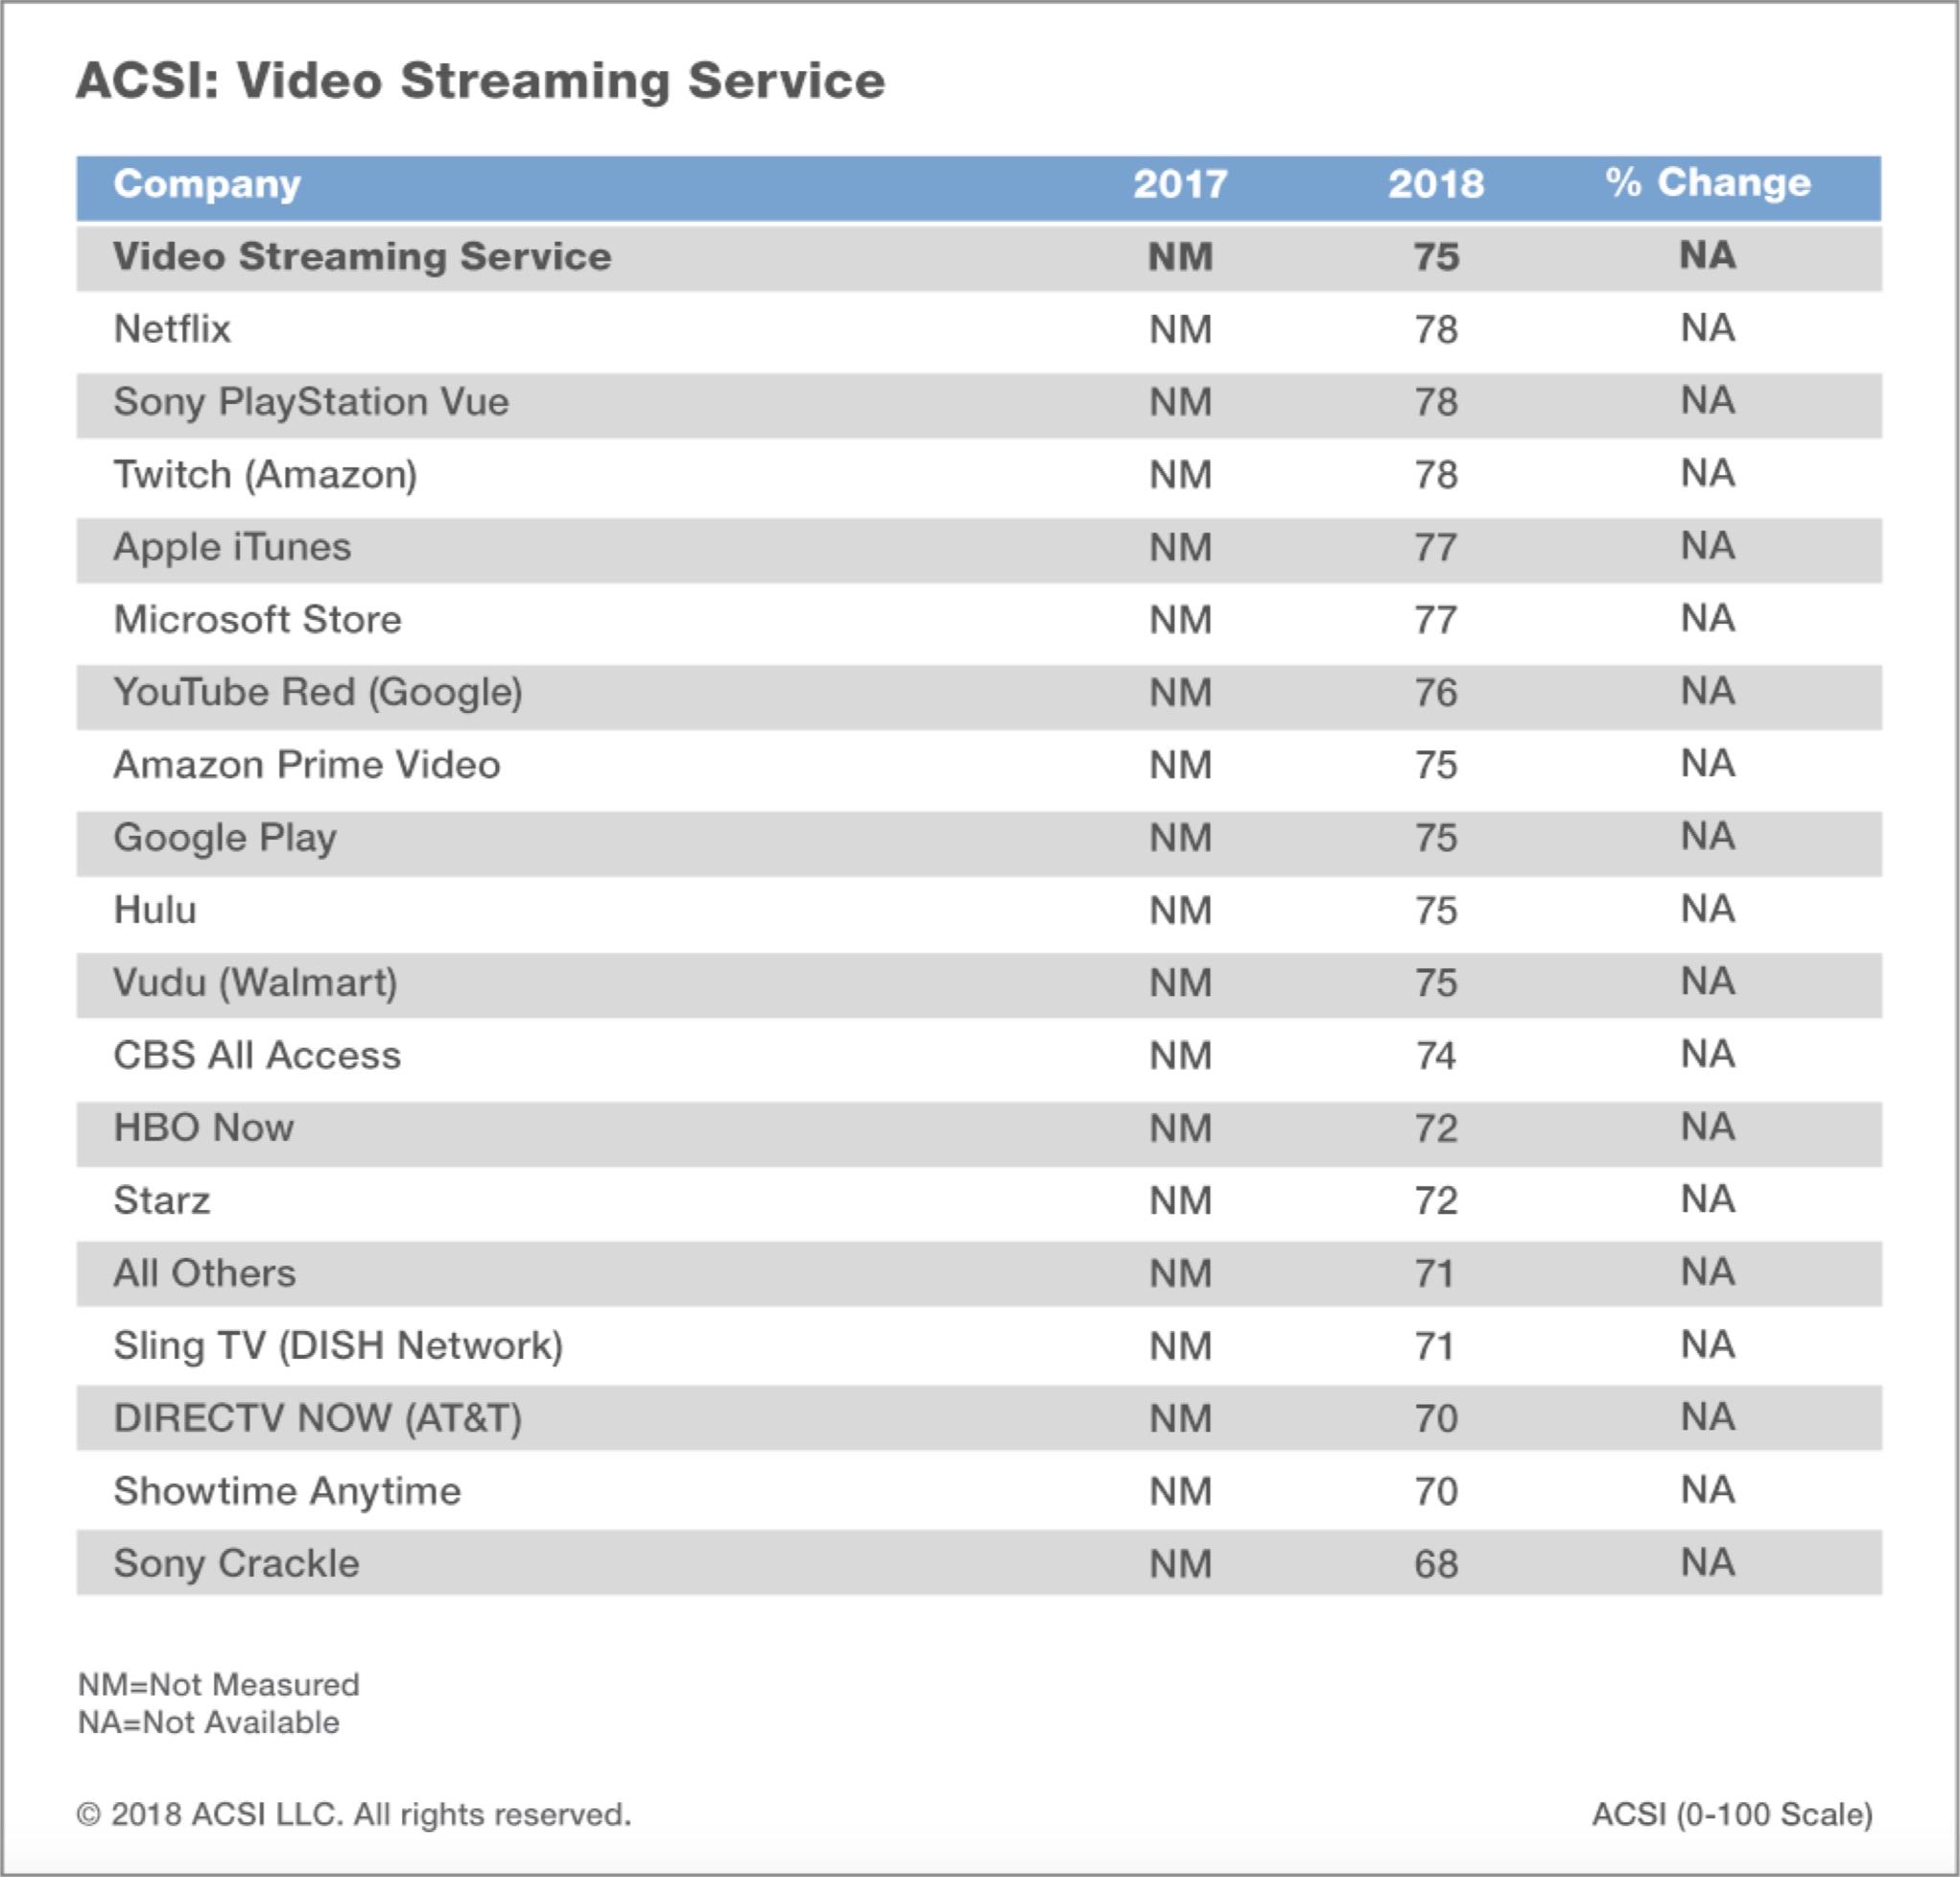 بحث ACSI يشمل خدمات الفيديو